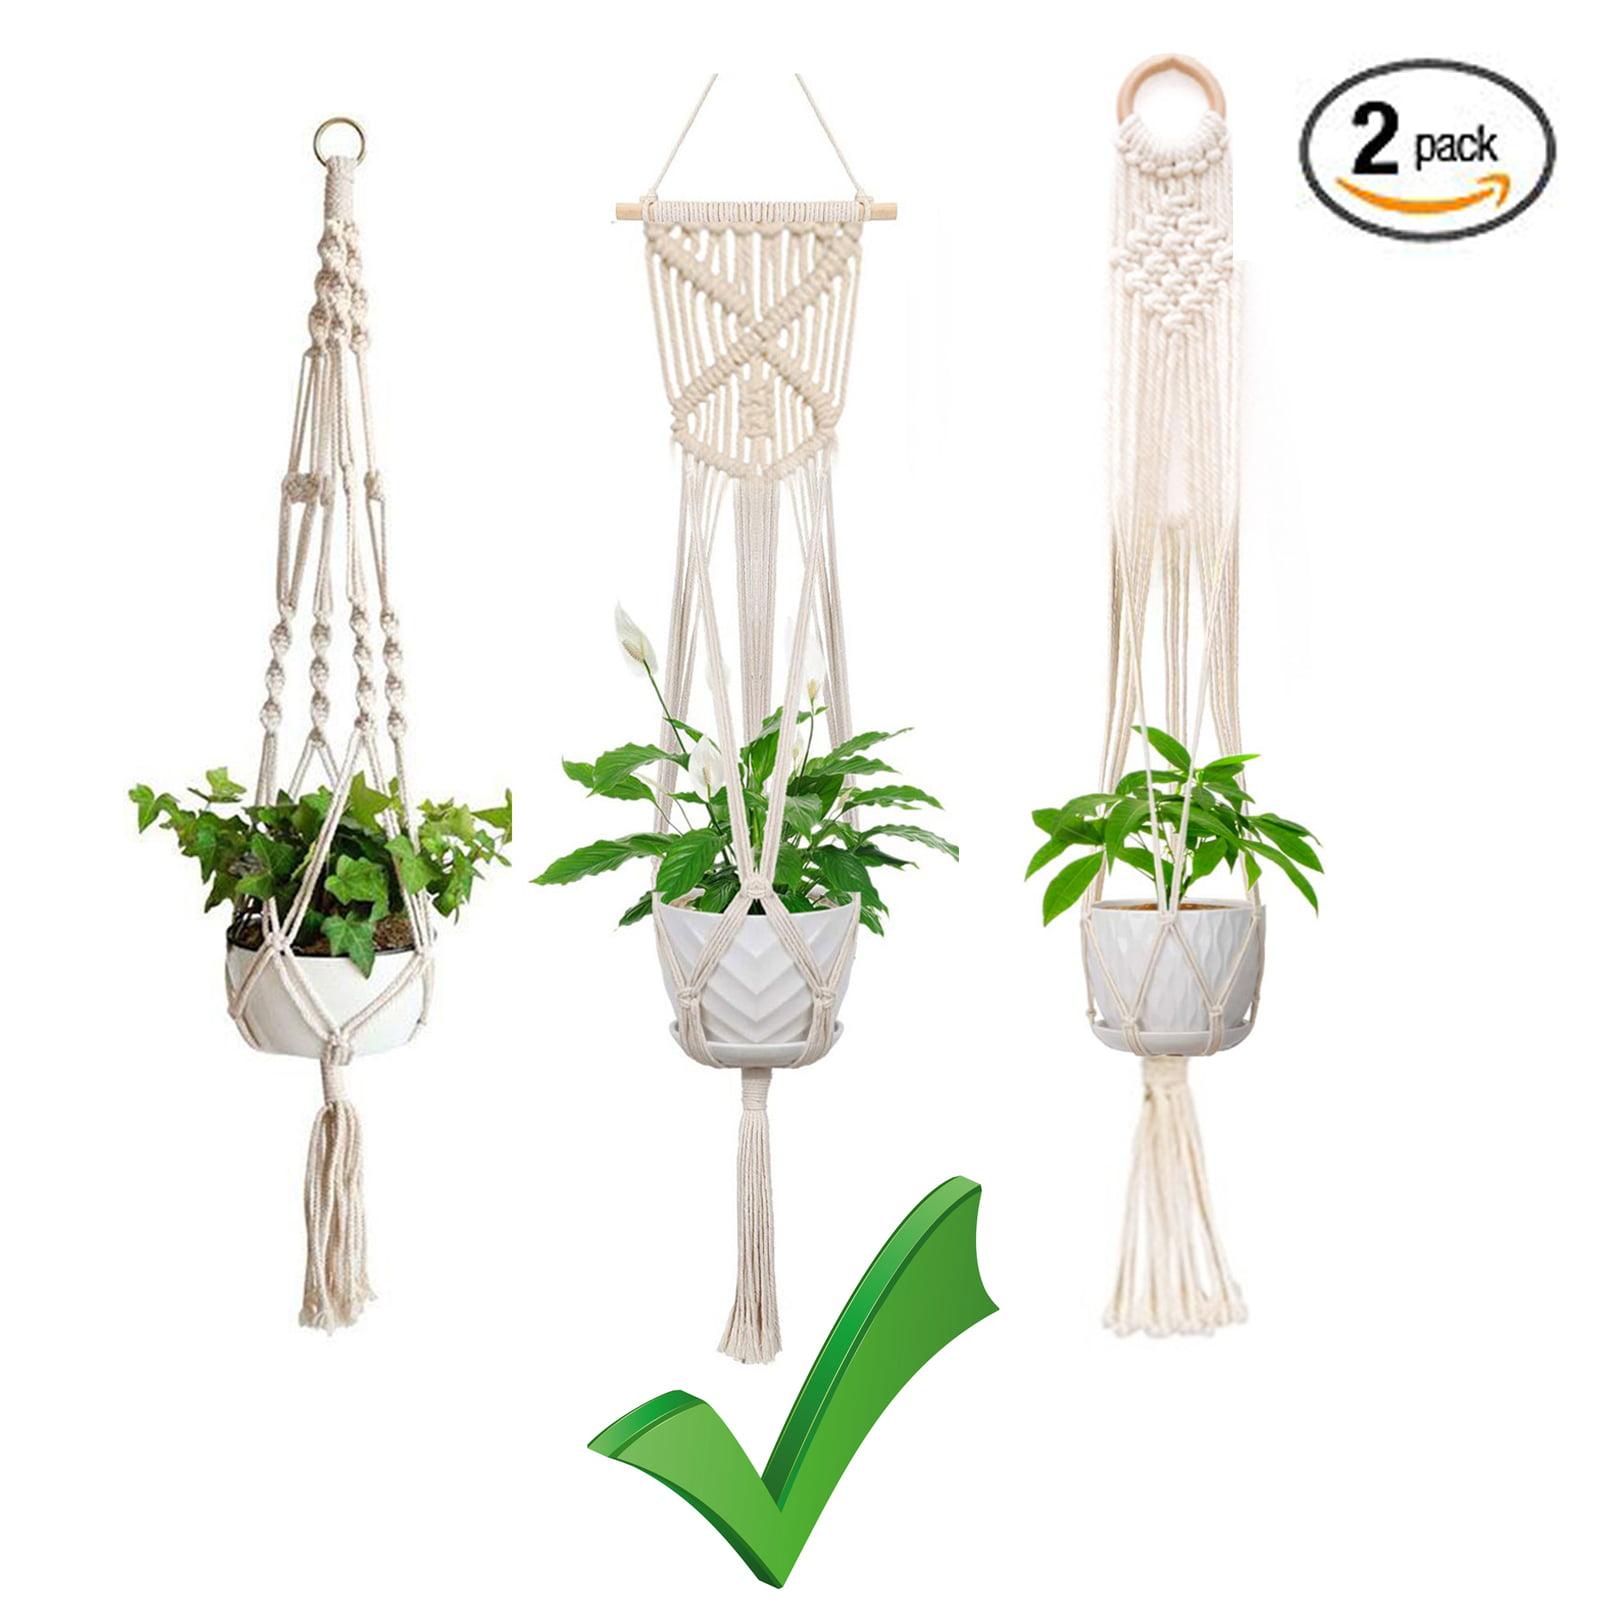 Plant Hanger Macrame Hanging Planter Basket Rope Flower Pot Holder Decor